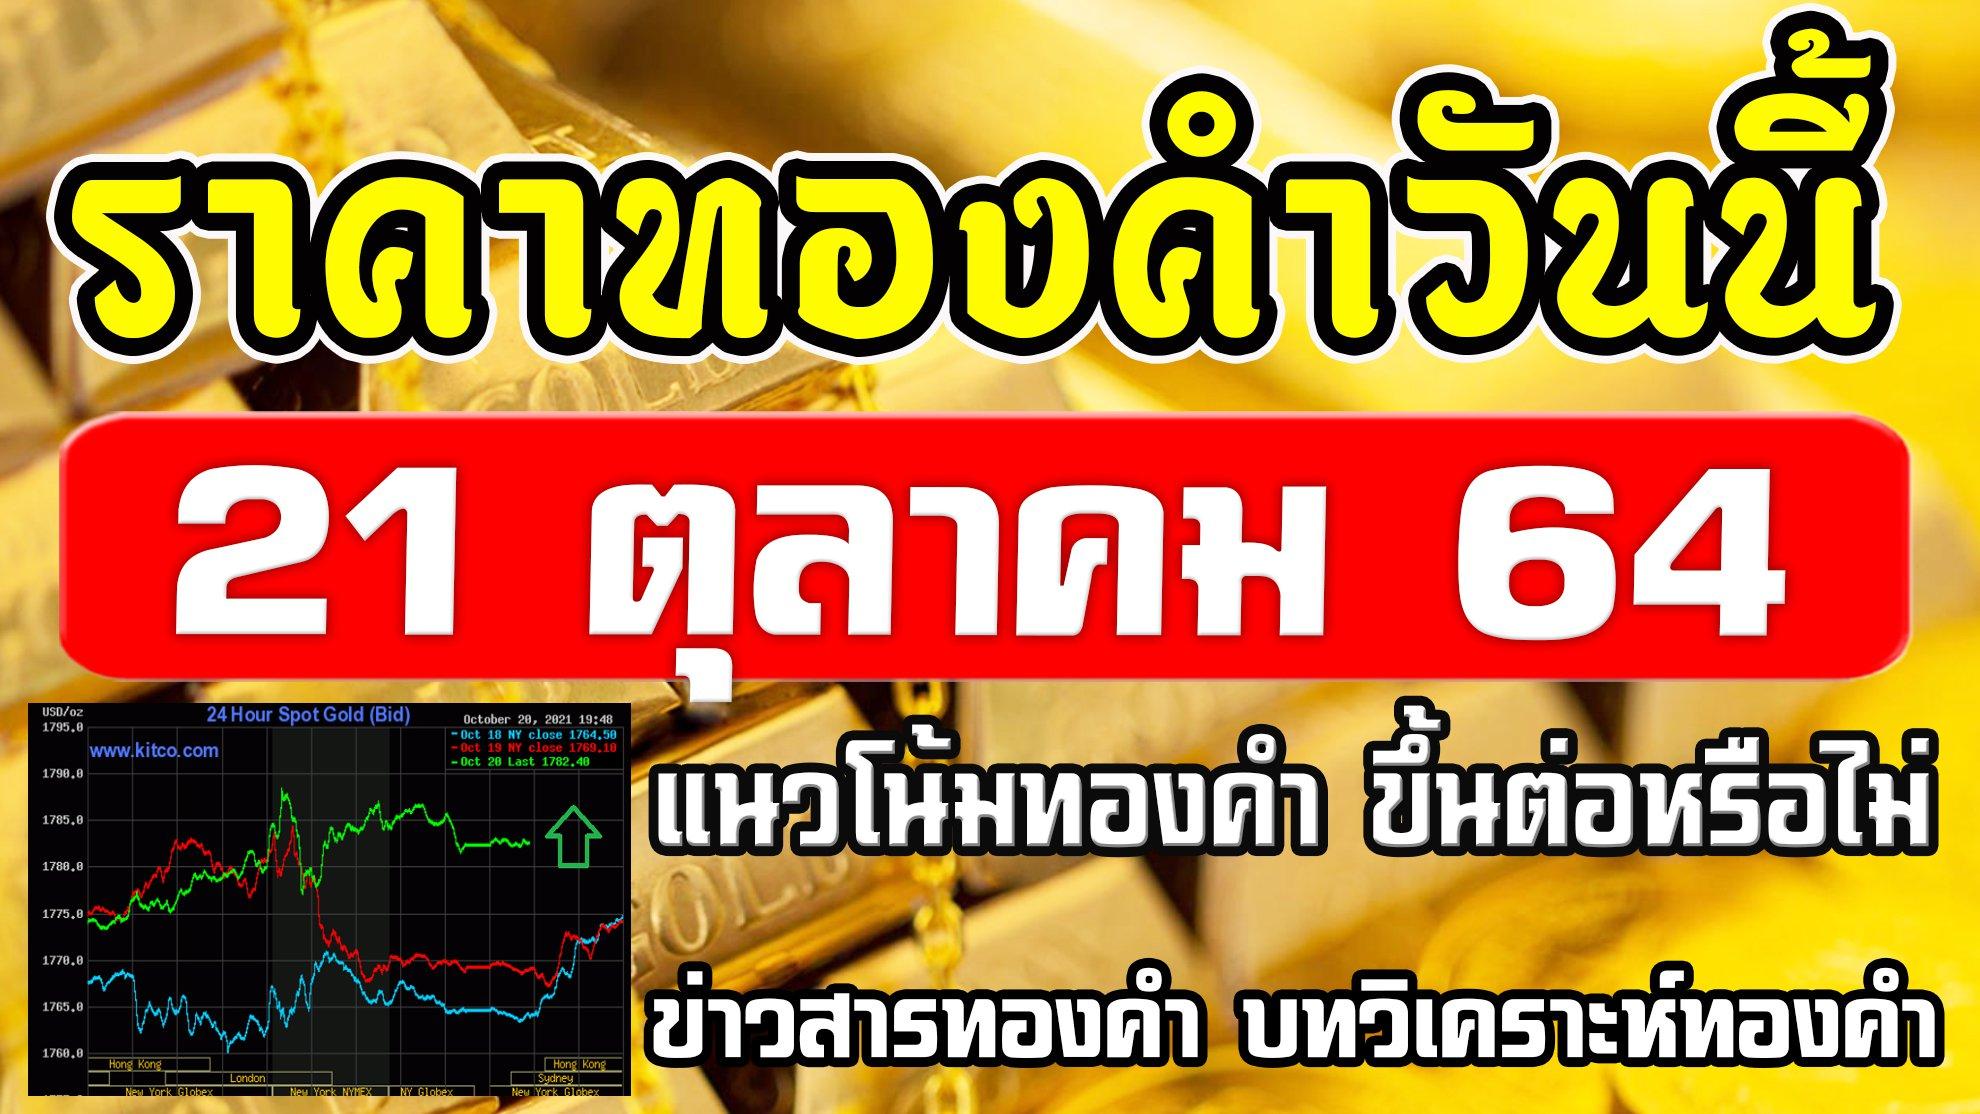 ราคาทองวันนี้ 21ต.ค.64 แนวโน้มทองคำ ราคาทองคำวันนี้ วิเคราะห์ทองคำ ปัจจัยทองคำ